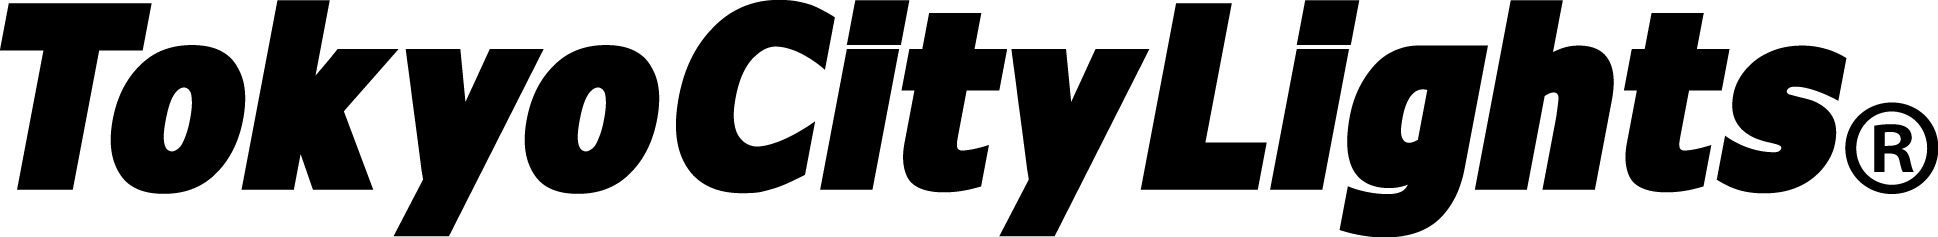 tokyocitylights